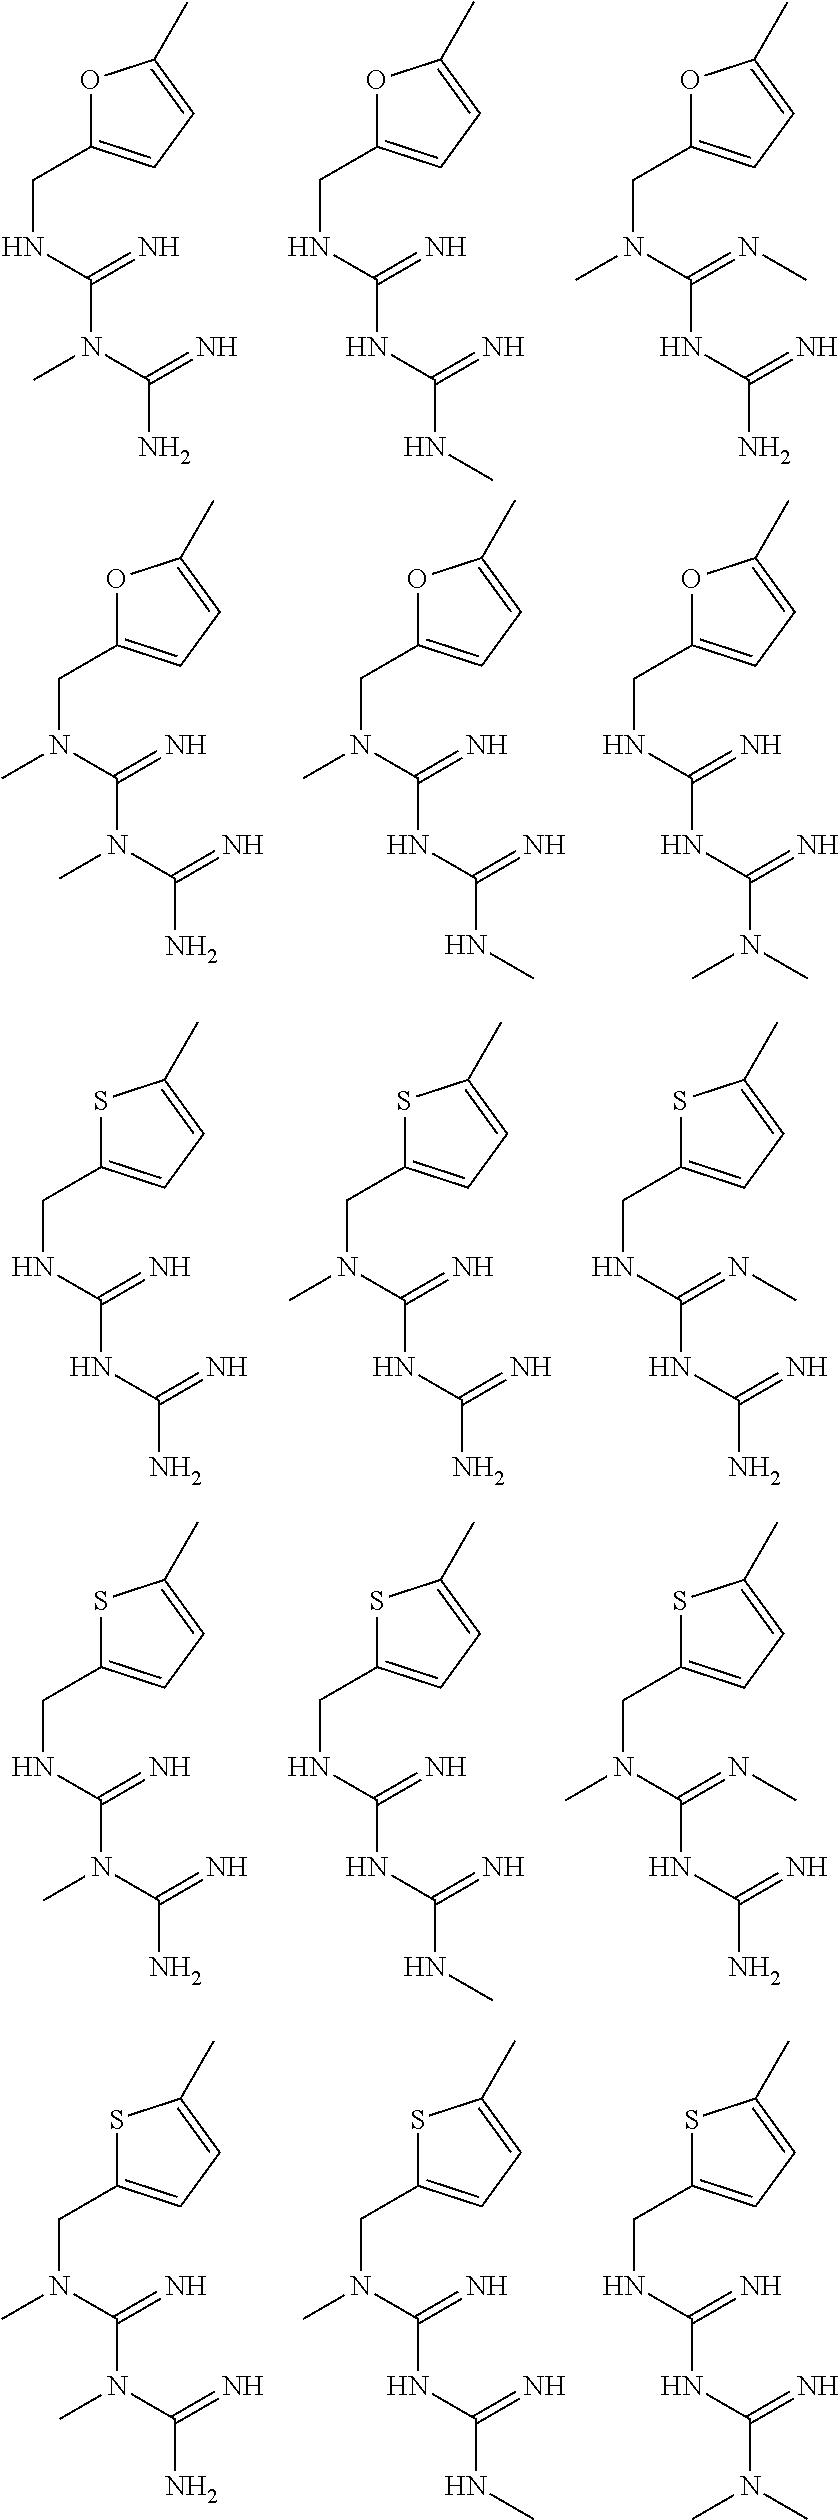 Figure US09480663-20161101-C00038